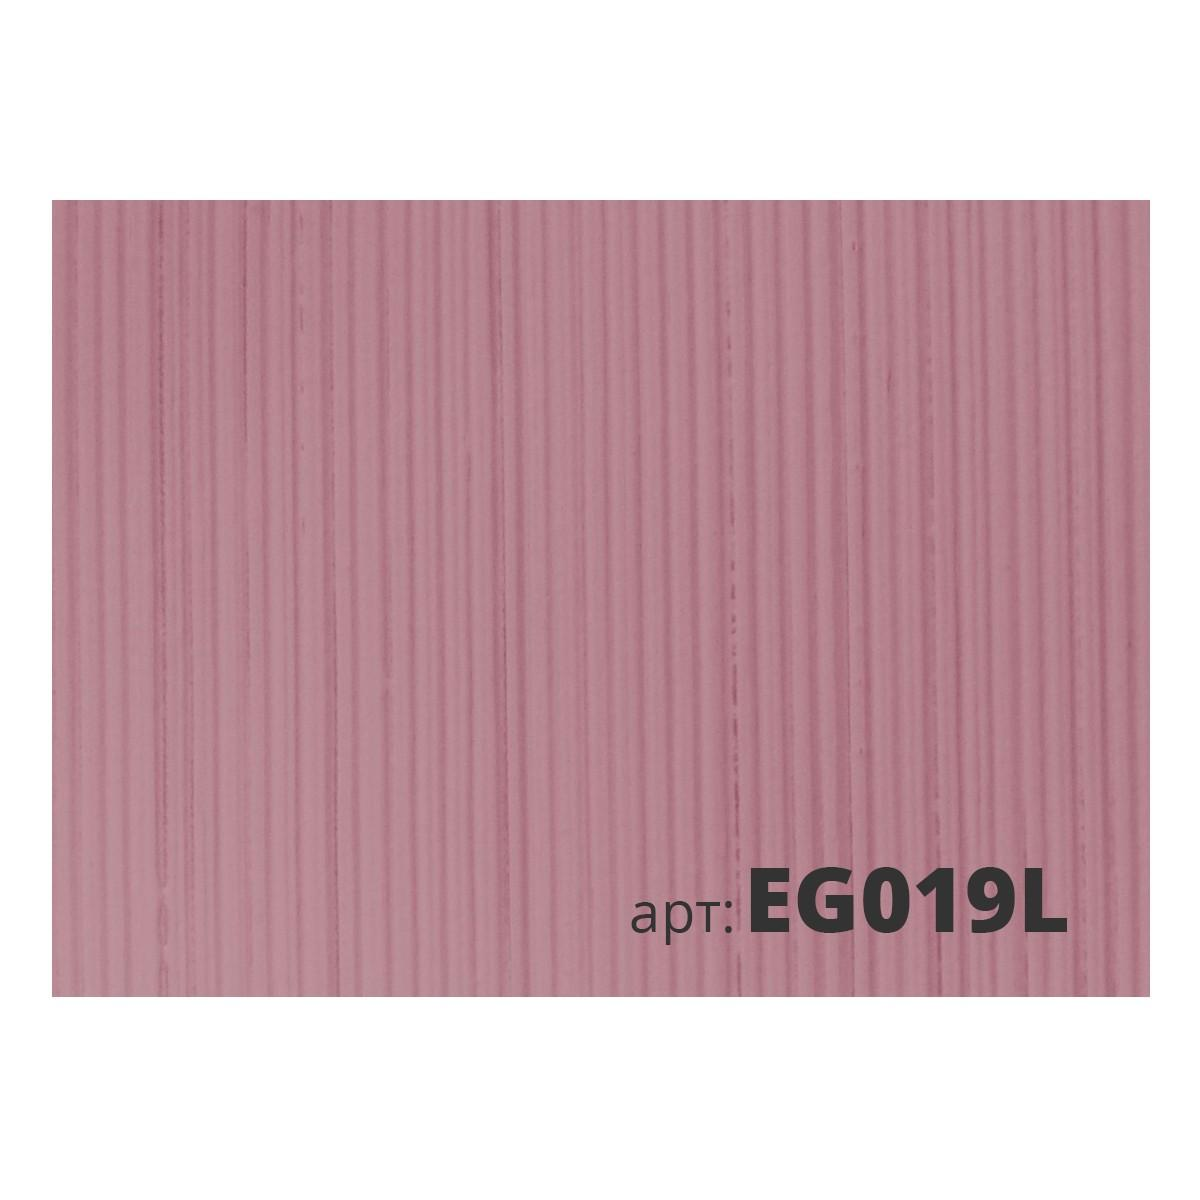 Скребок с ручкой прорезиненный ворс EG019L